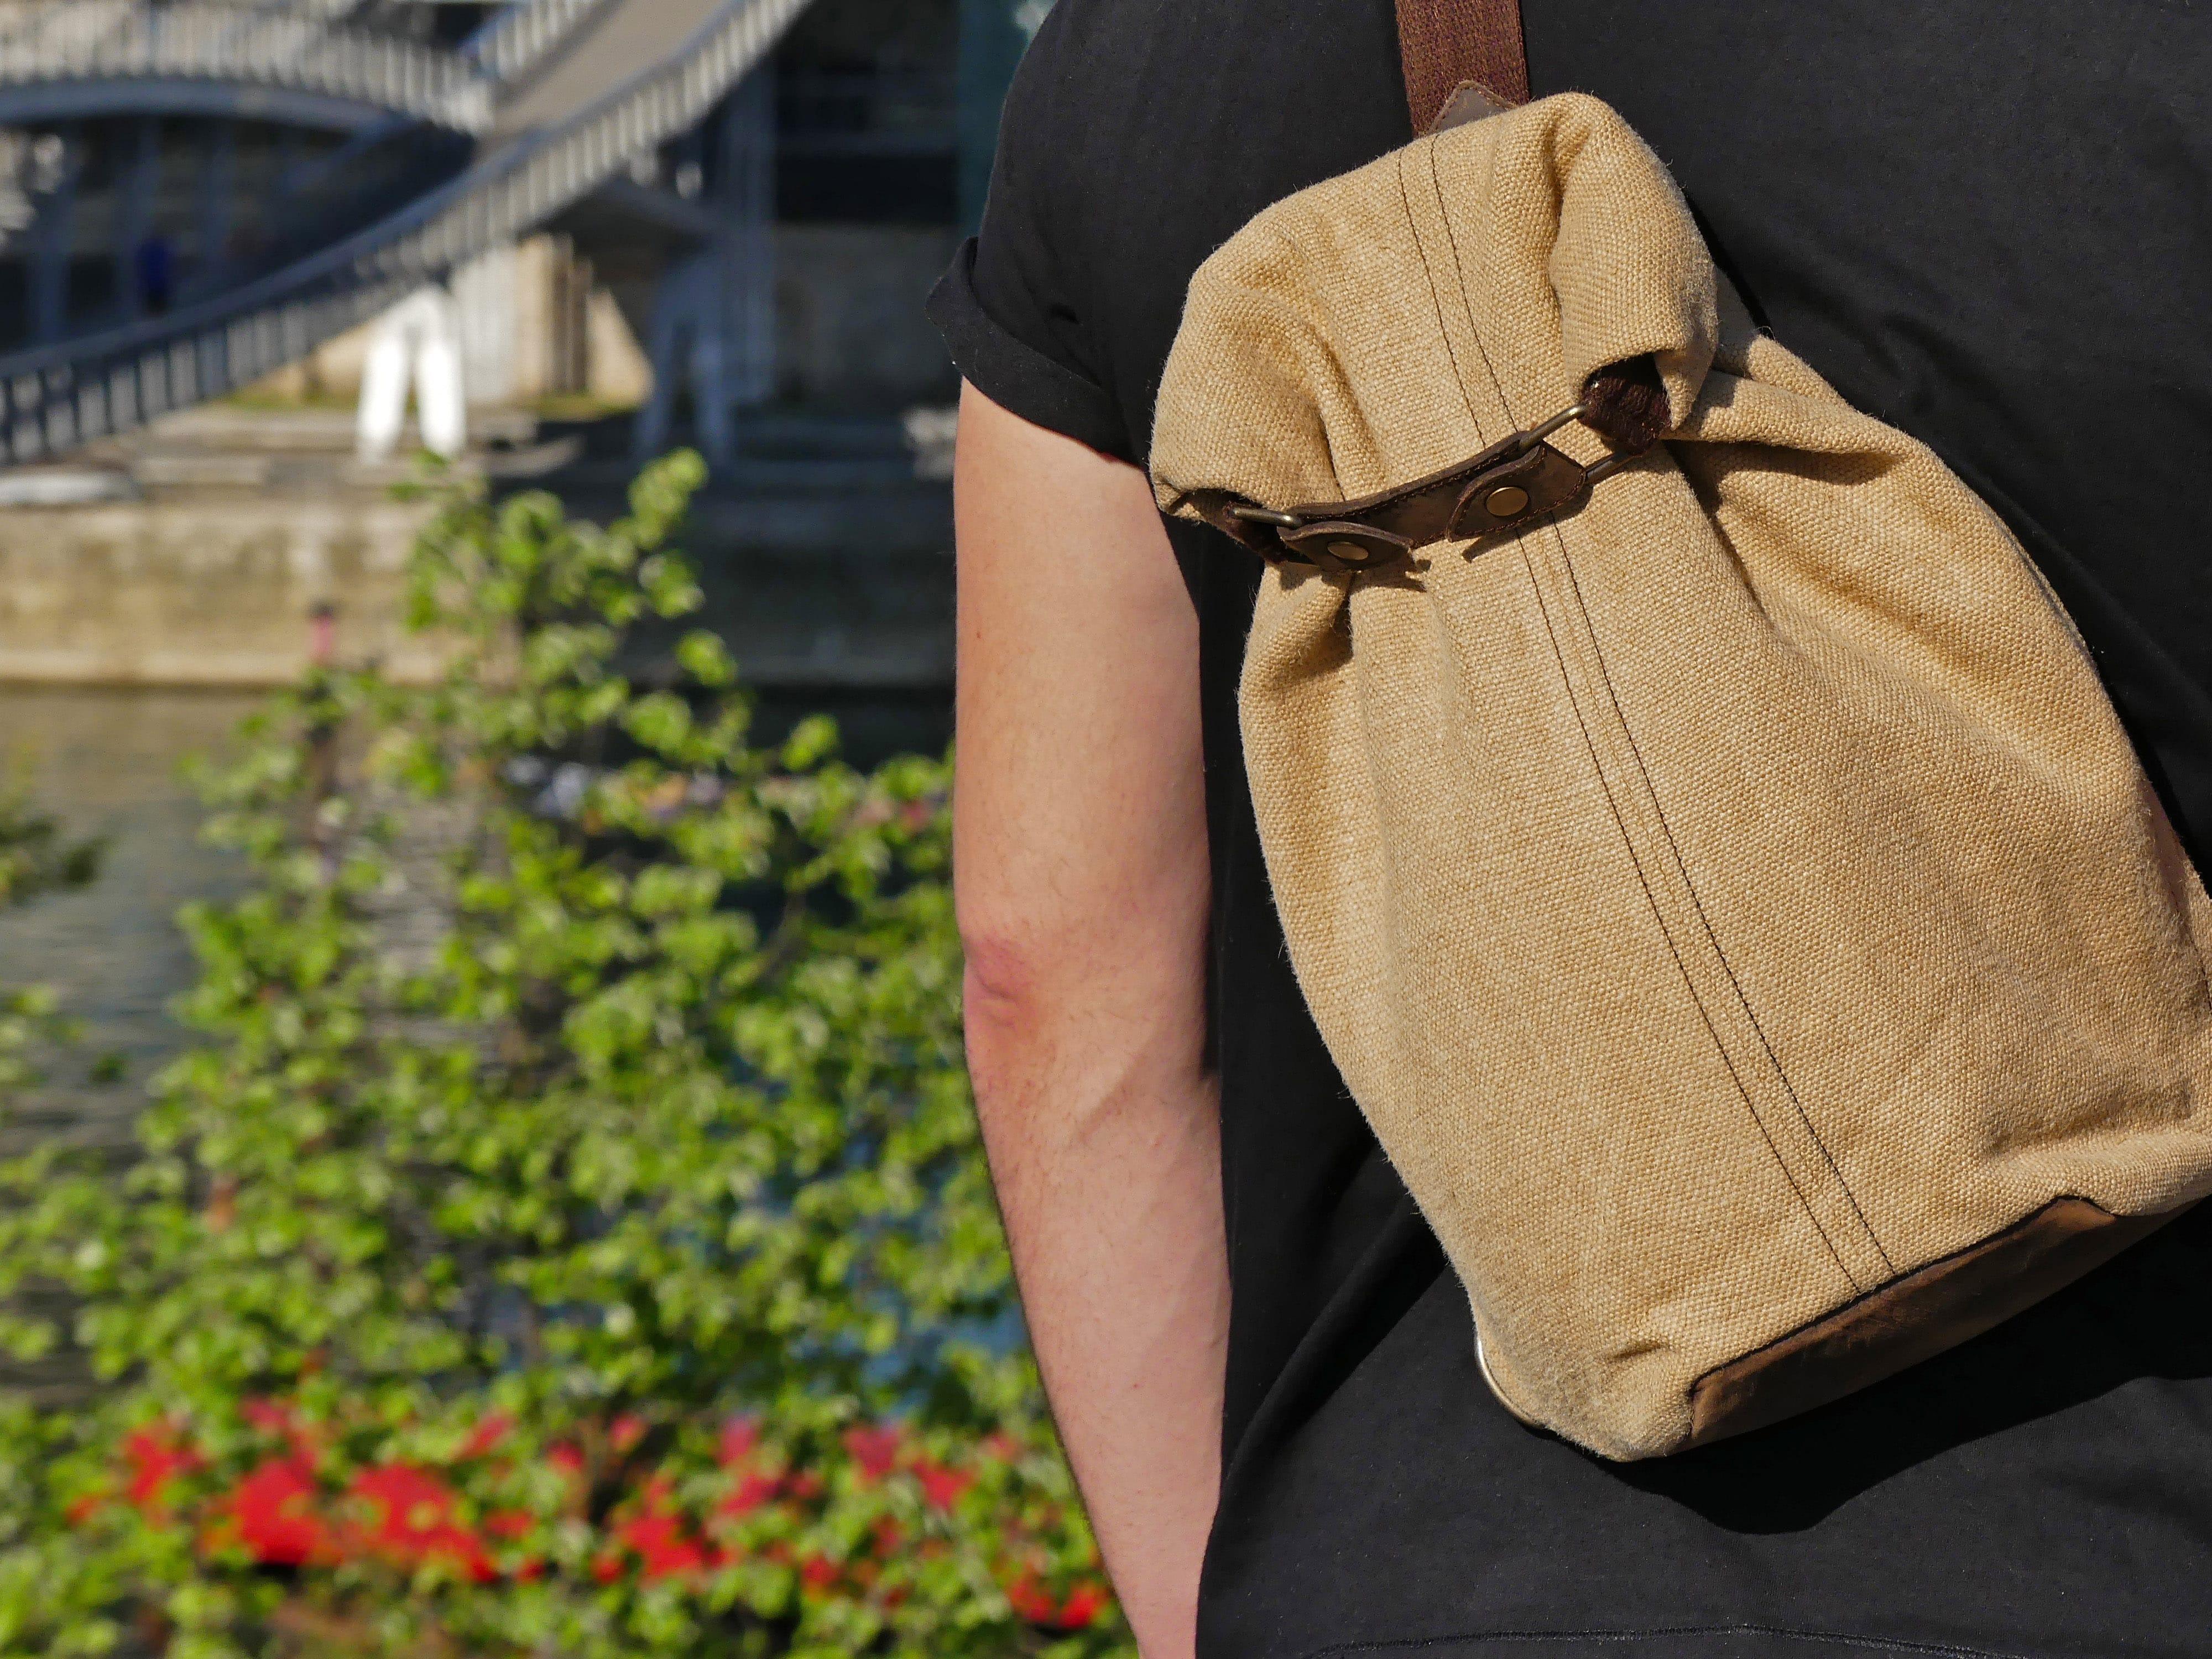 Bhallot - Petit sac à dos bandoulière, balish - le baluchon